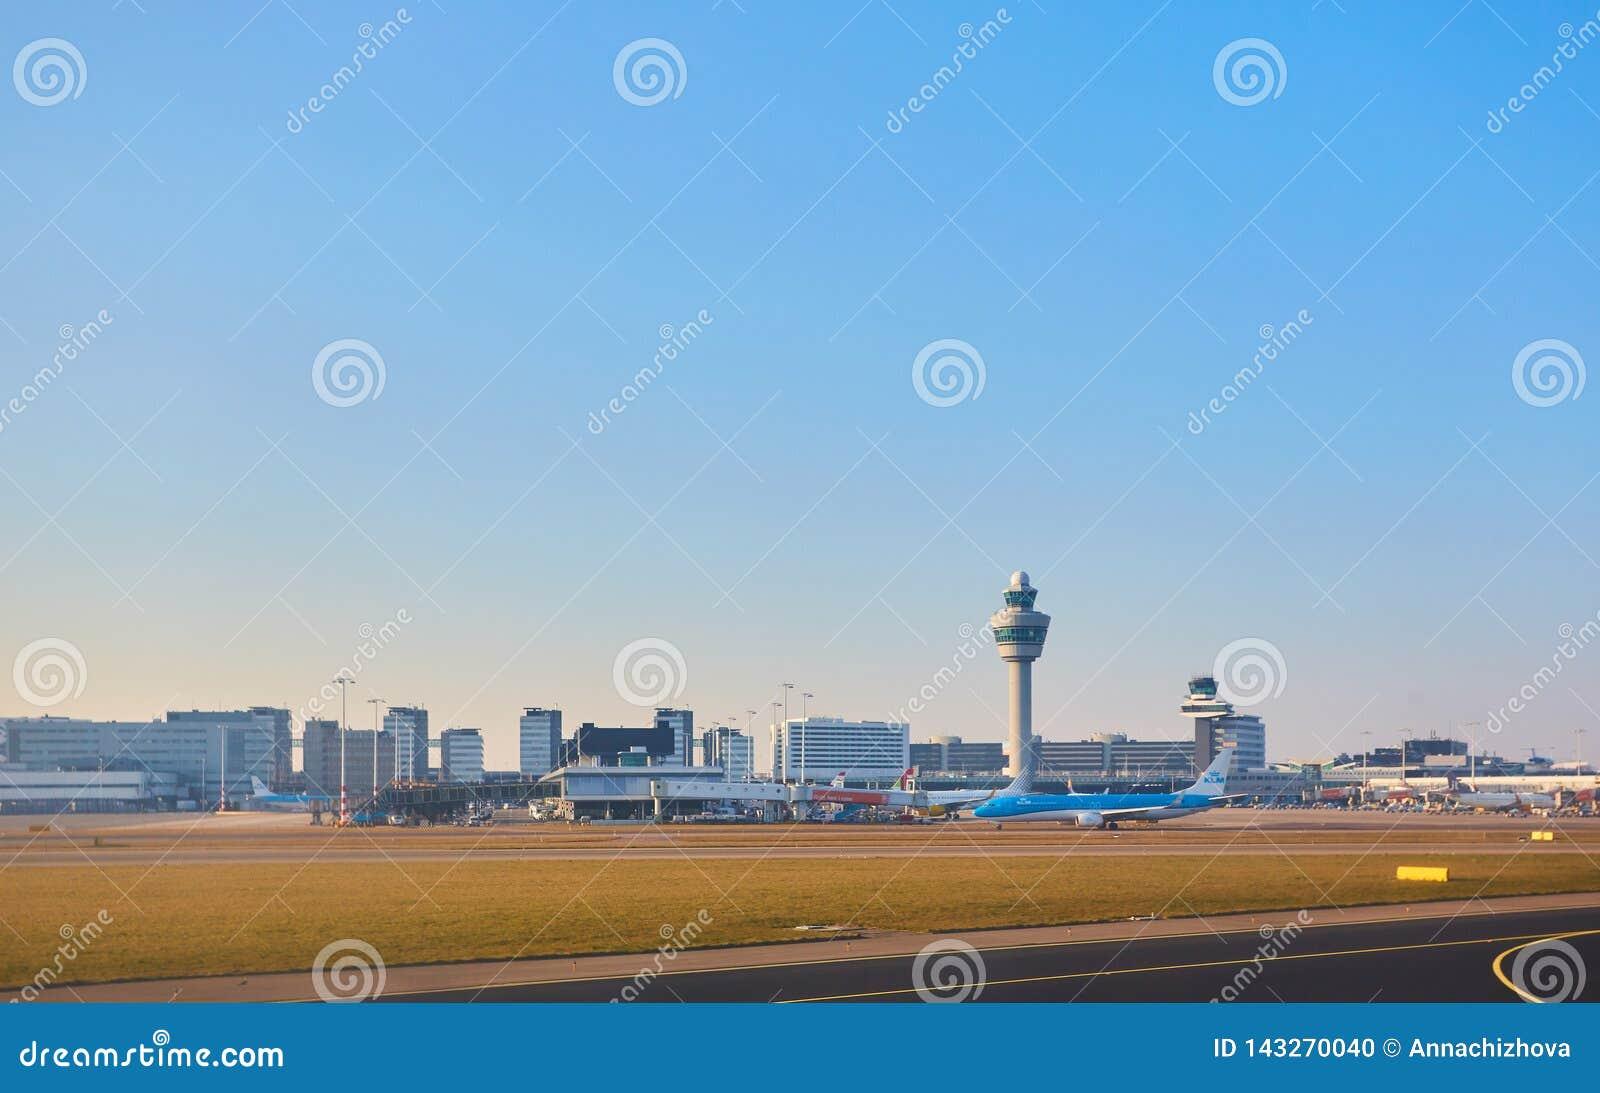 Amsterdam, Países Bajos - 11 de marzo de 2016: Aeropuerto Schiphol de Amsterdam en Países Bajos El AMS es los Países Bajos princi